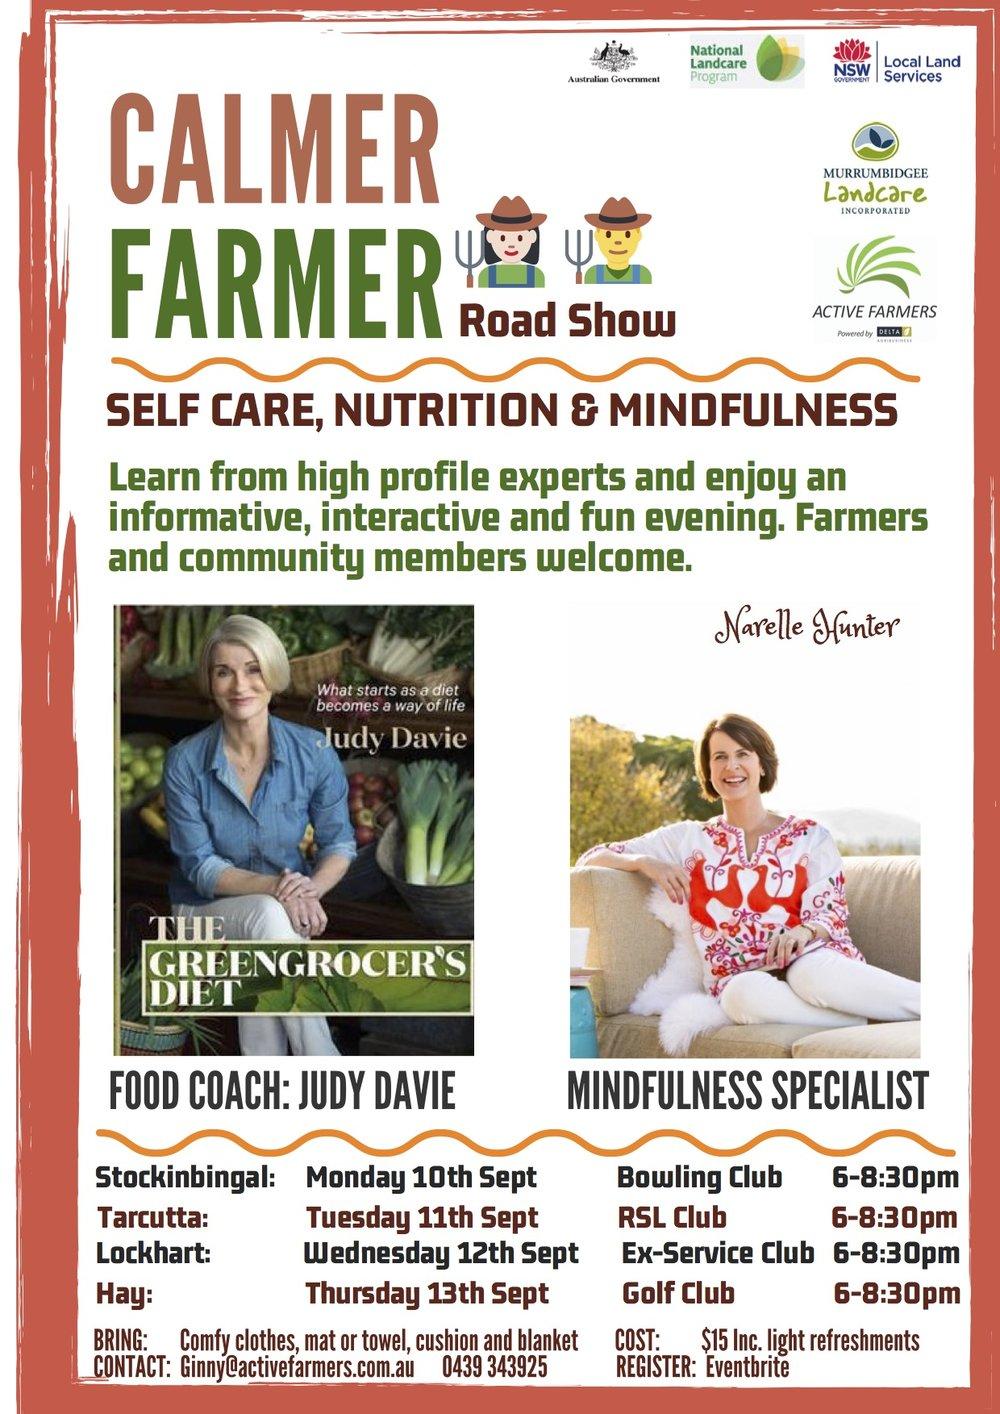 Calmer_Farmer Poster.jpg